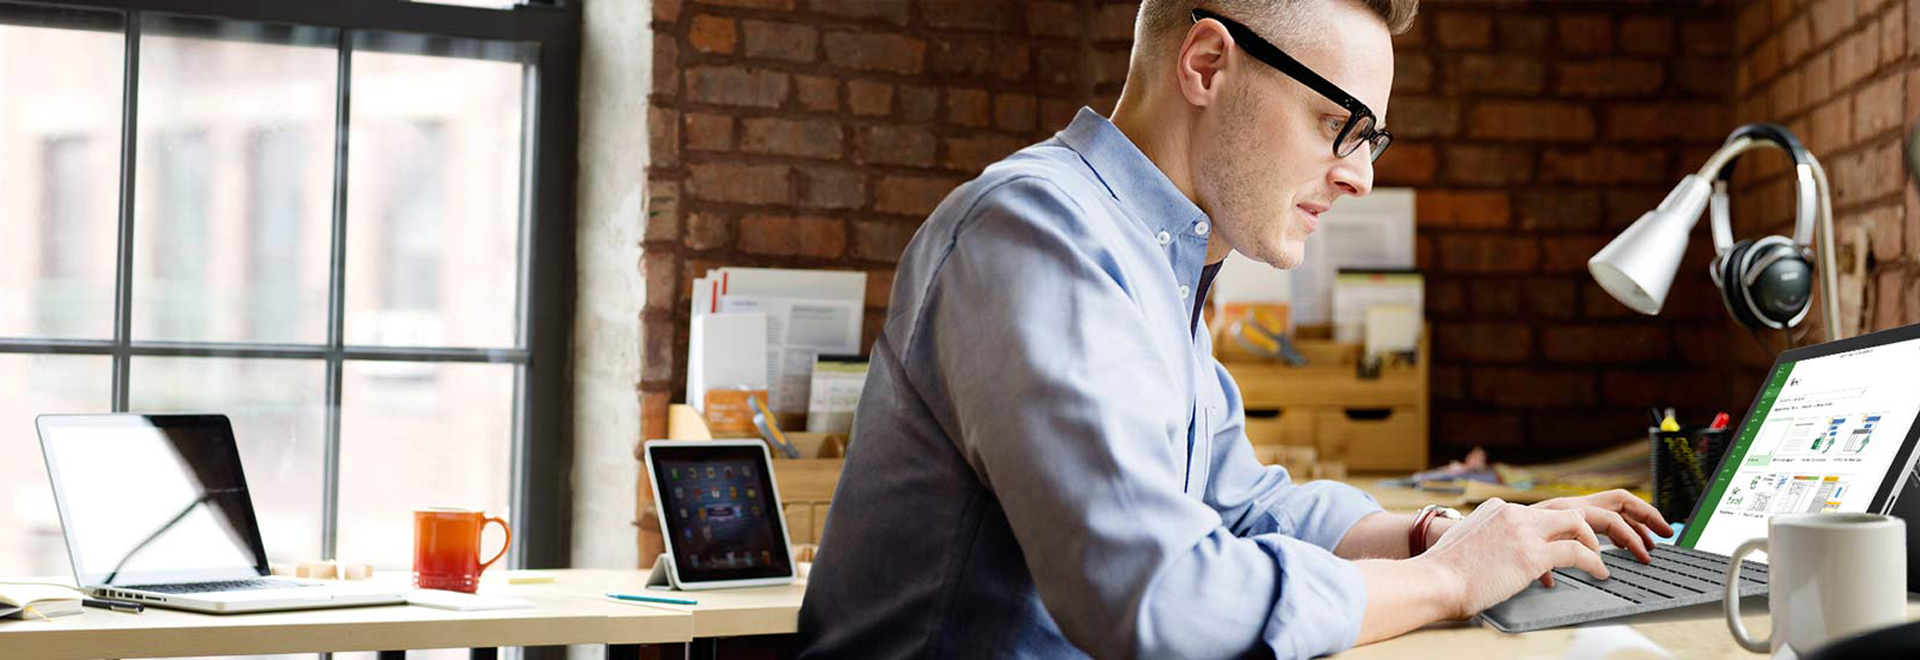 책상에 앉아 Surface 태블릿으로 Microsoft Project를 사용하여 작업하는 남성.